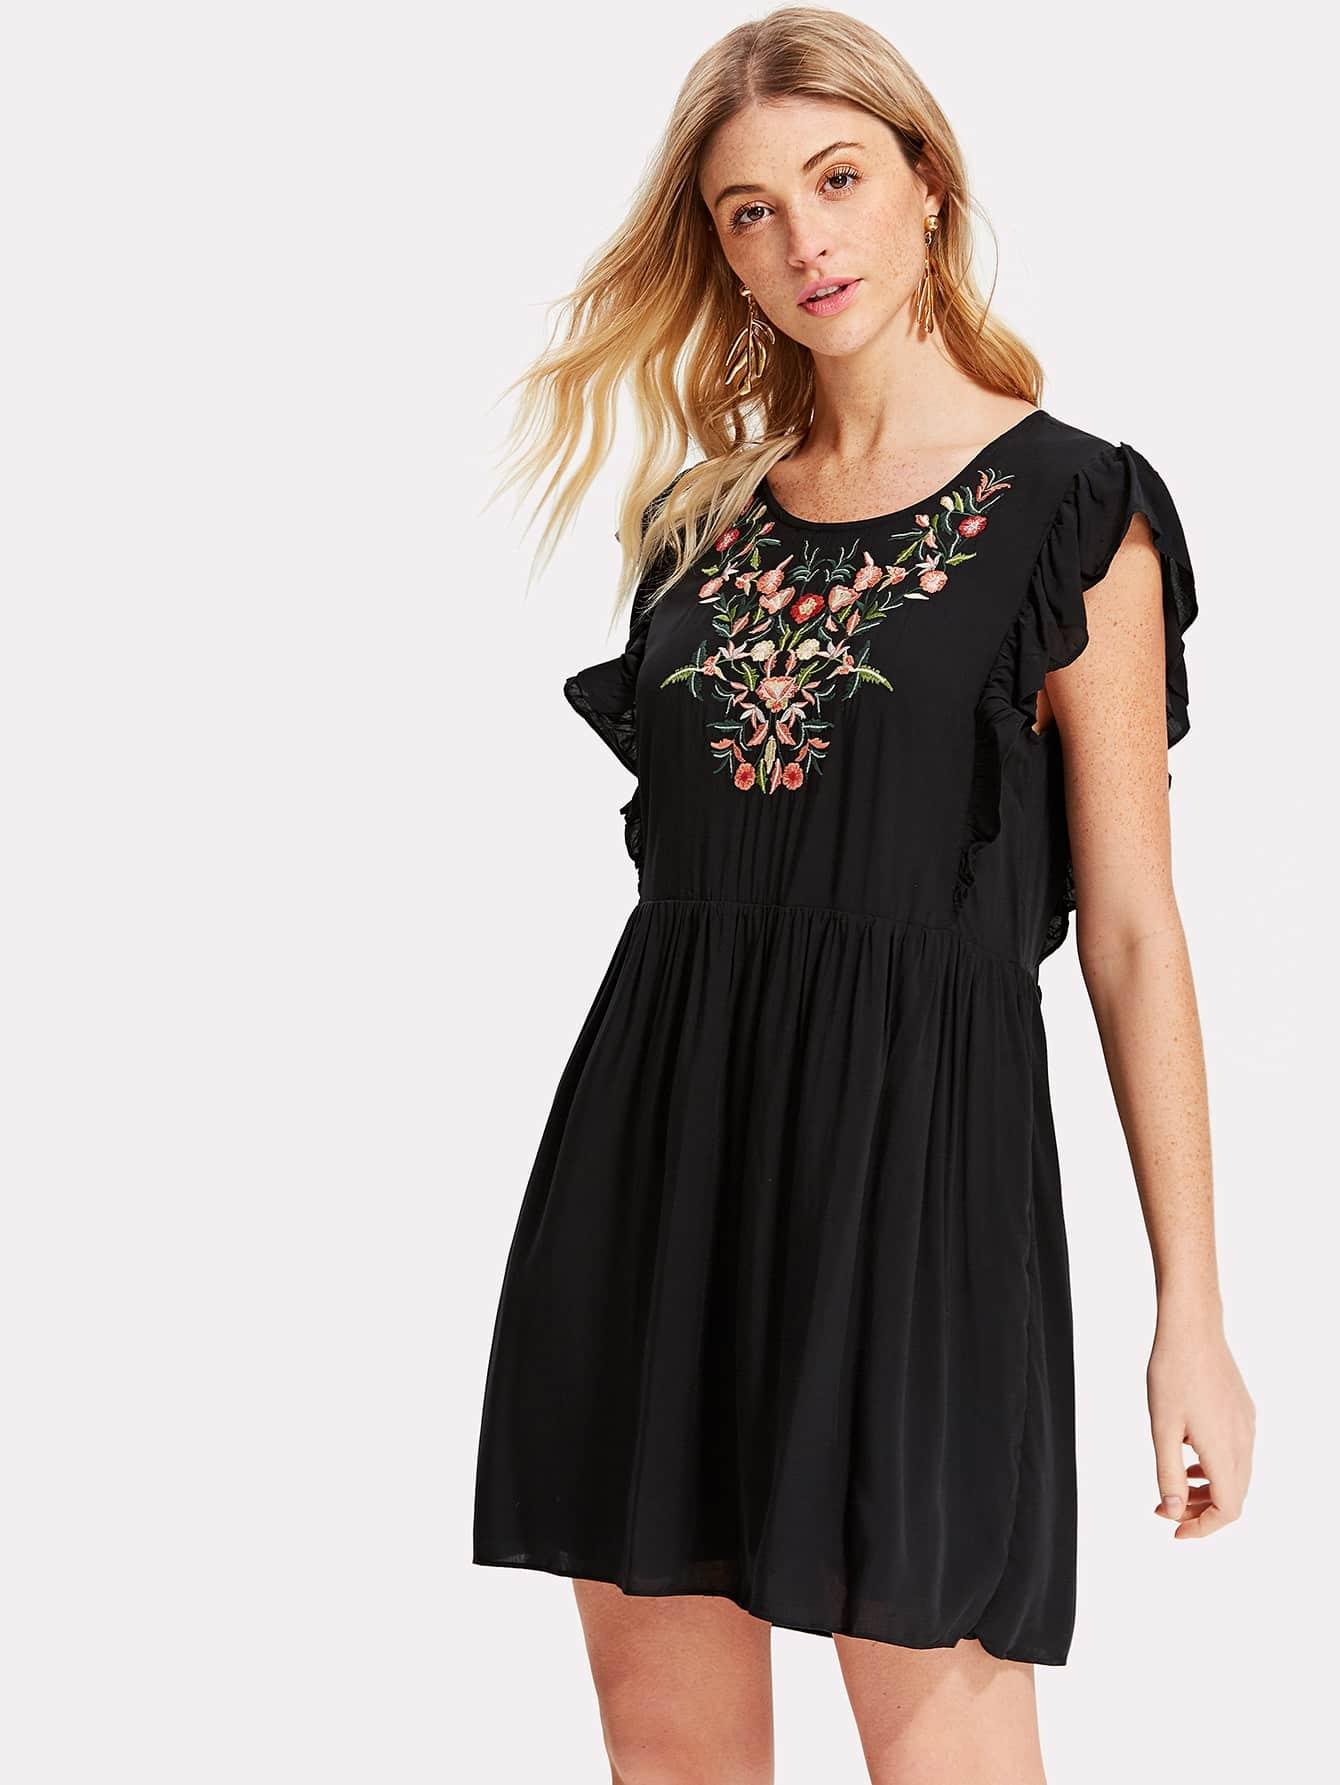 Embroidered Yoke Layered Ruffle Smock Dress